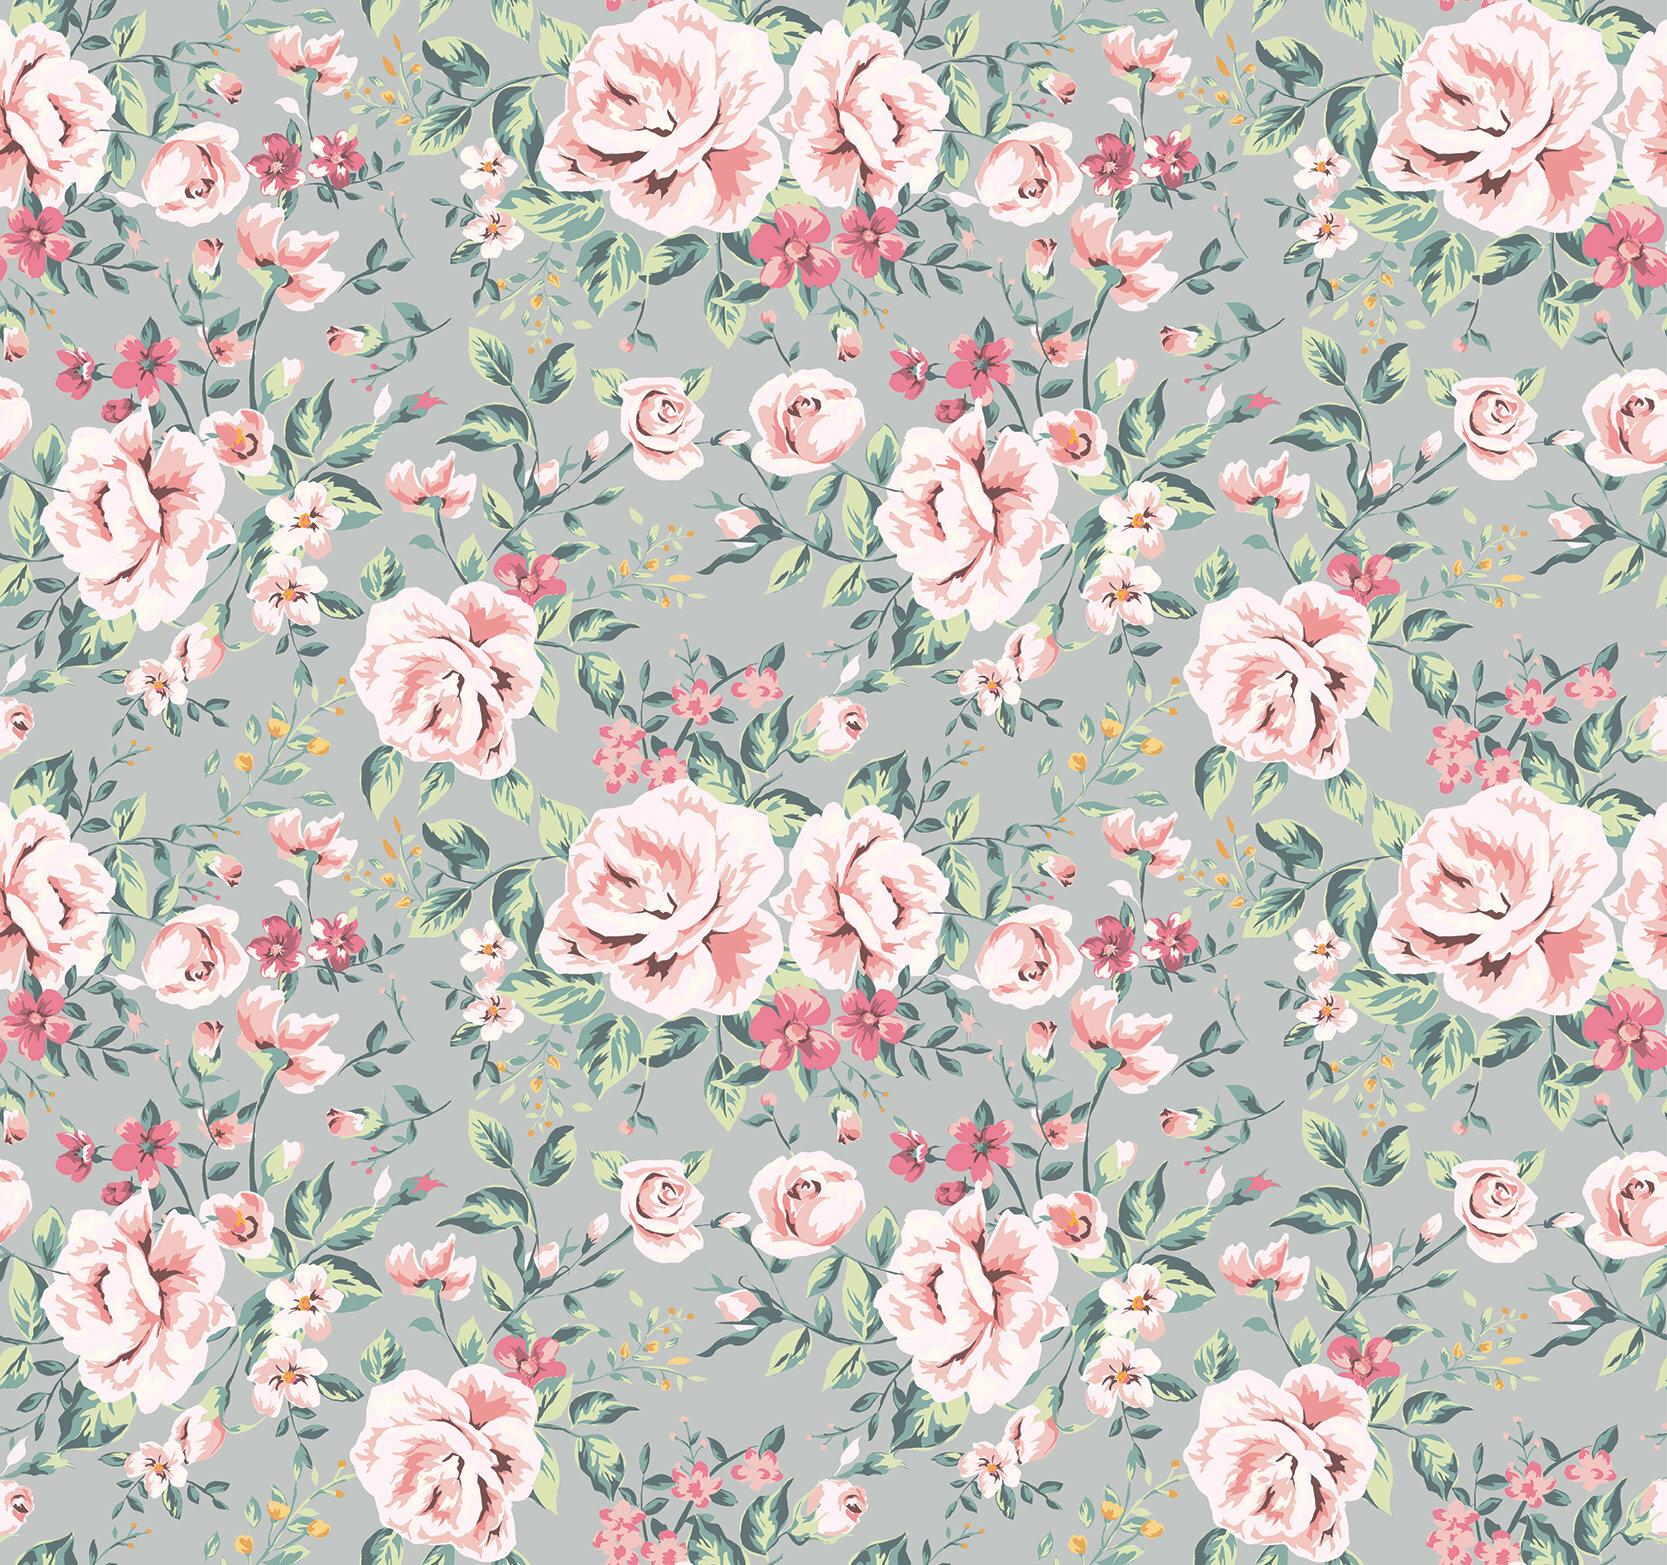 House Of Hampton Chavez Removable Vintage Nursery Floral 4 17 L X